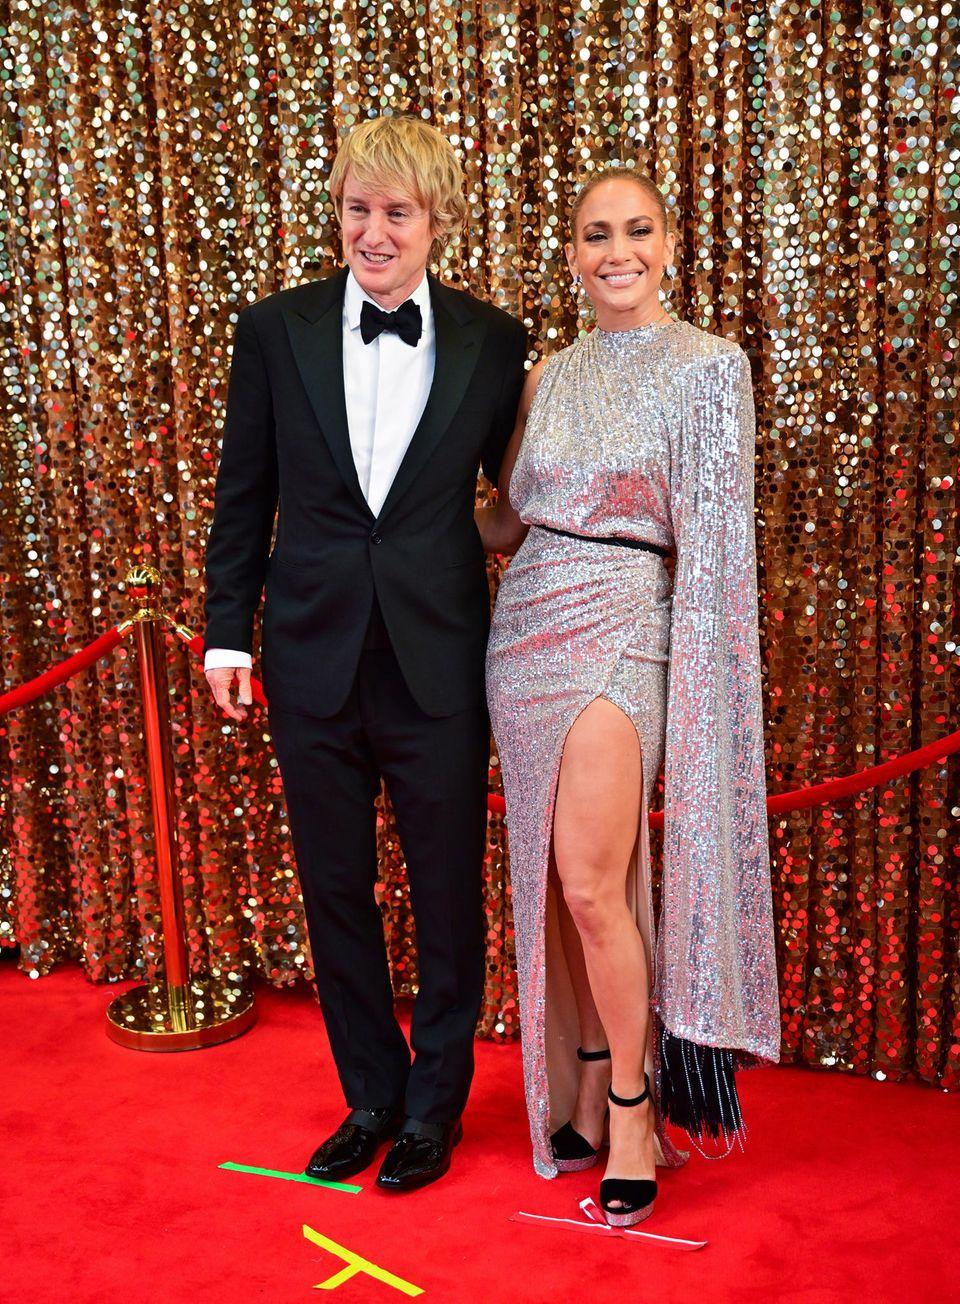 """Sind Owen Wilson und Jennifer Lopez etwa das neue Glamour-Paar? Ja! Allerdings sind die beiden nur in ihrem aktuellen Film """"Marry Me"""", zu dem gerade die Dreharbeiten laufen, glücklich liiert. Wenn man genau hinschaut, sieht man die Markierungen auf denen die Schauspieler platziert werden."""